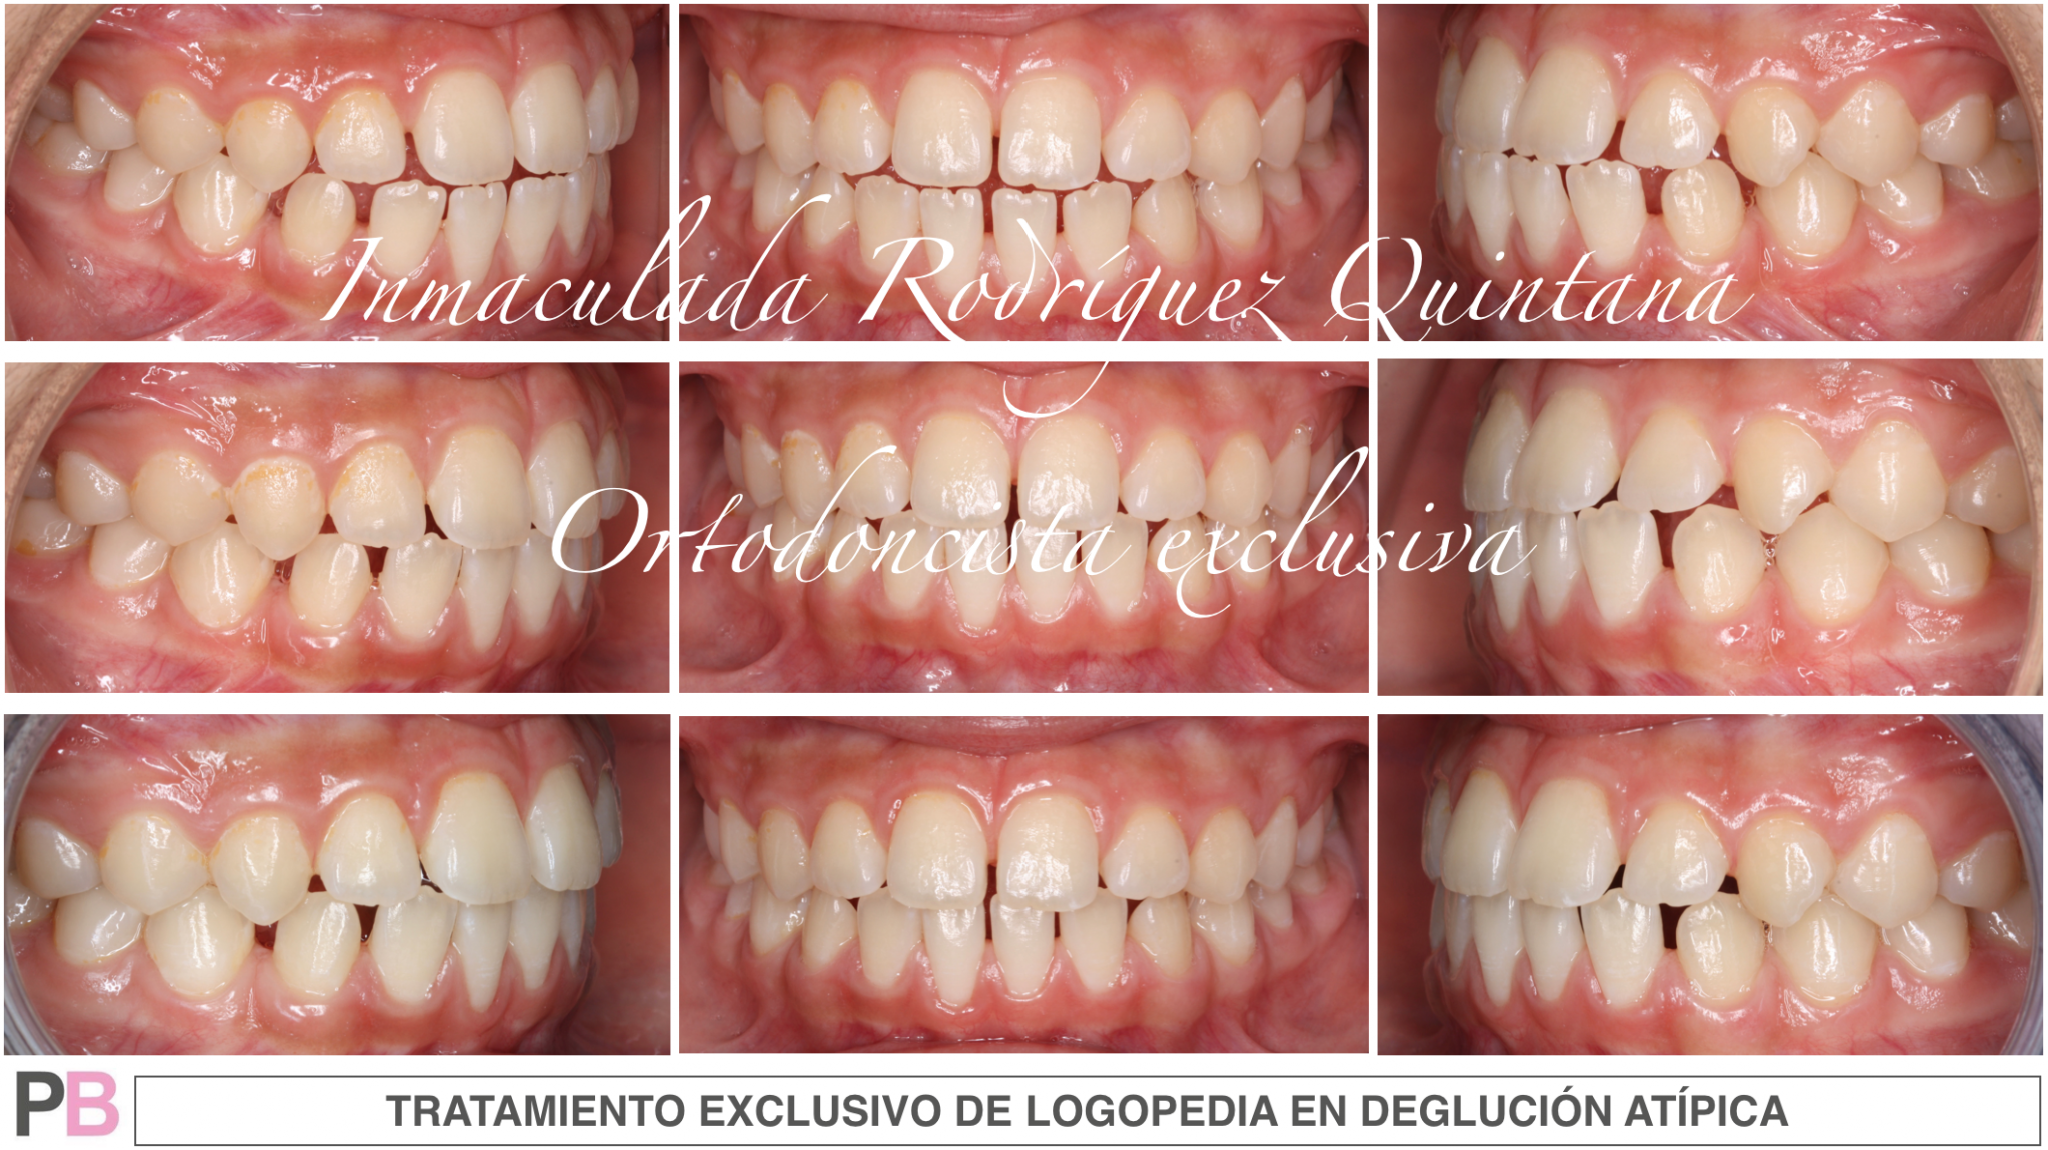 eglución atípica - Logopeda - Ortodoncia